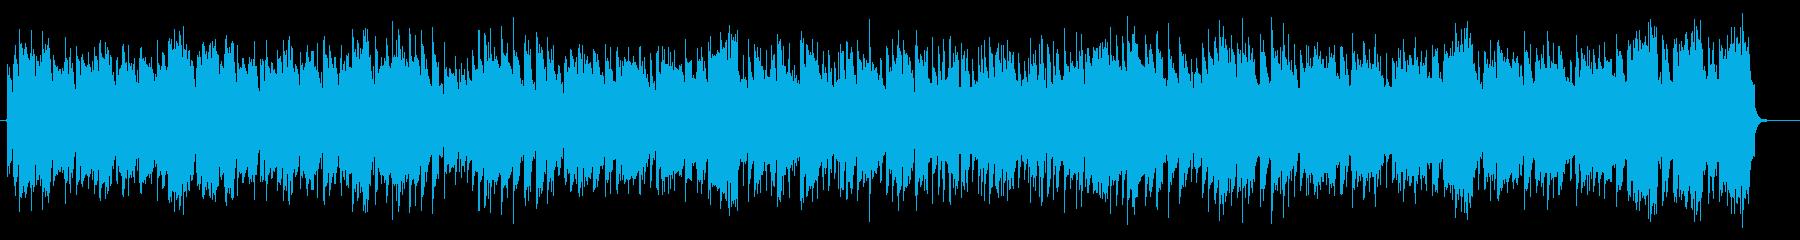 陽気な明るいジャズサウンドの再生済みの波形